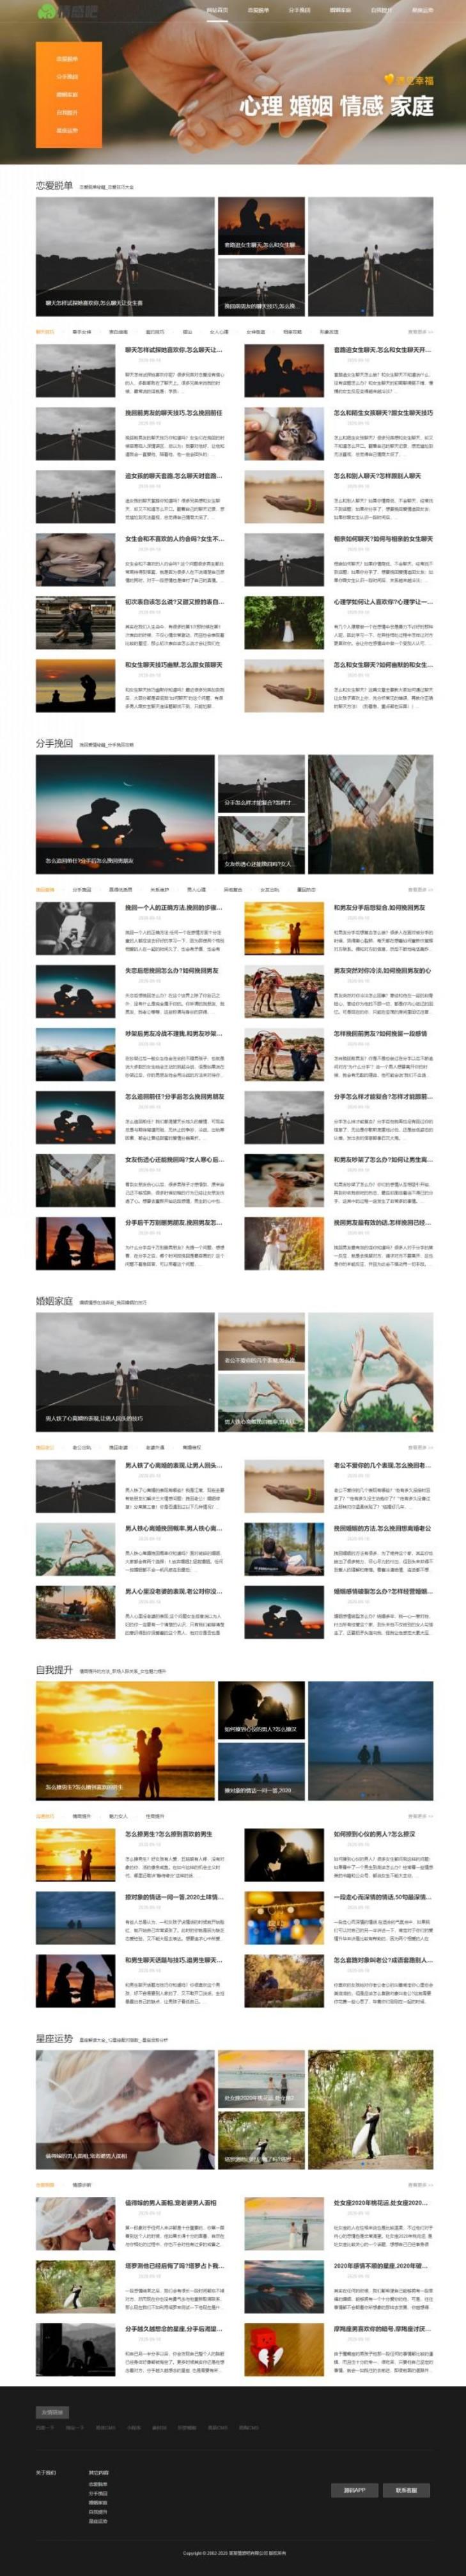 (亲测完整)九月最新情感新闻情感资讯撩妹心理咨询资讯网站源码 第1张